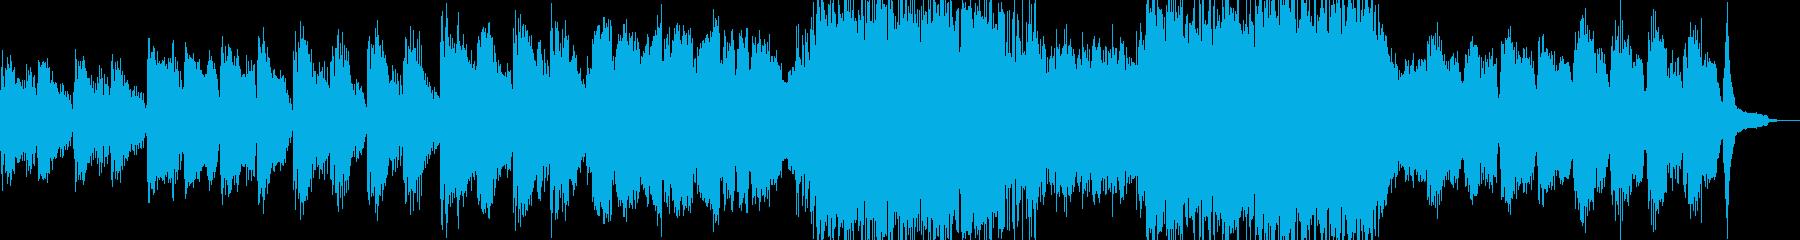 別れを名残惜しむイメージのピ…02:01の再生済みの波形